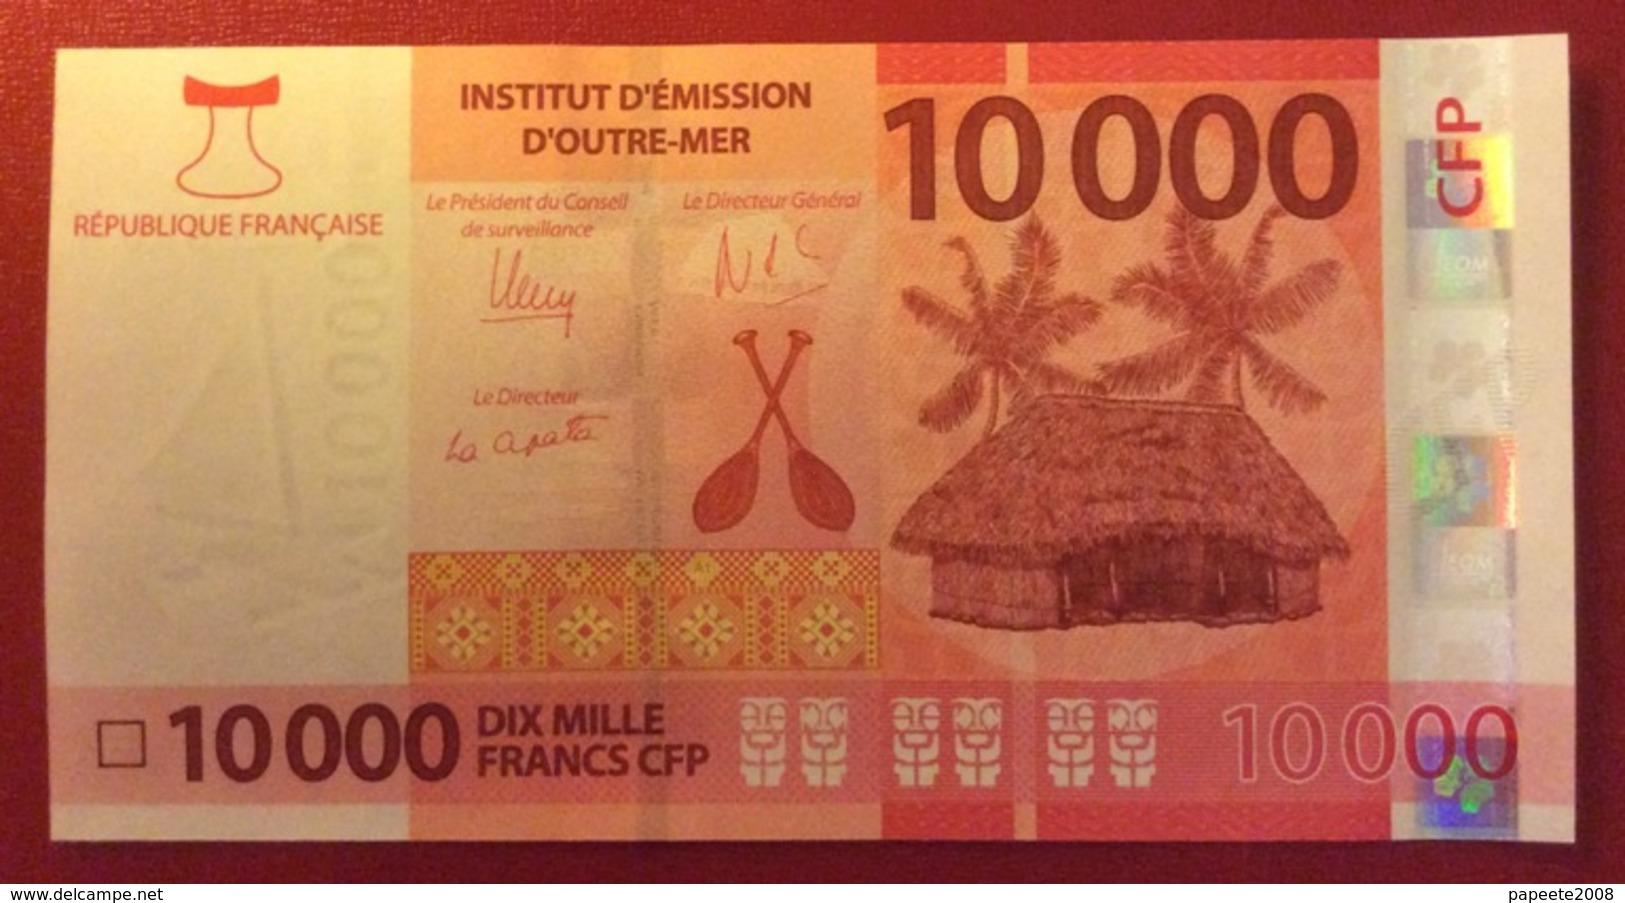 Polynésie Française - 10 000 FCFP - 2020 - N° 035491 A0  / Signatures Noyer-de Seze-La Cognata - Neuf  / Jamais Circulé - Papeete (Polynésie Française 1914-1985)